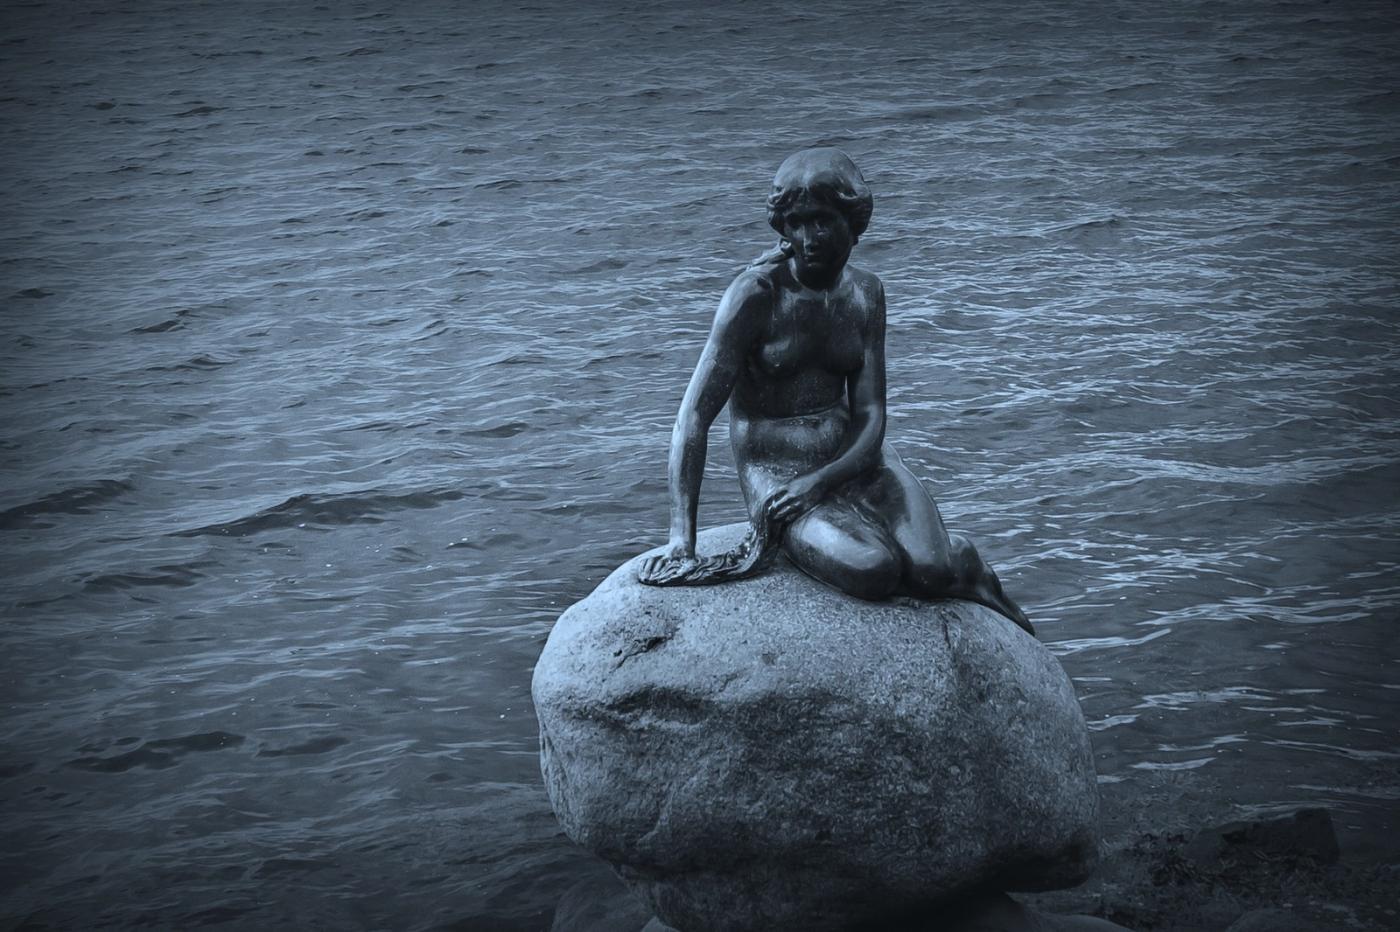 丹麦美人鱼雕像,雕塑家妻子为蓝本_图1-14